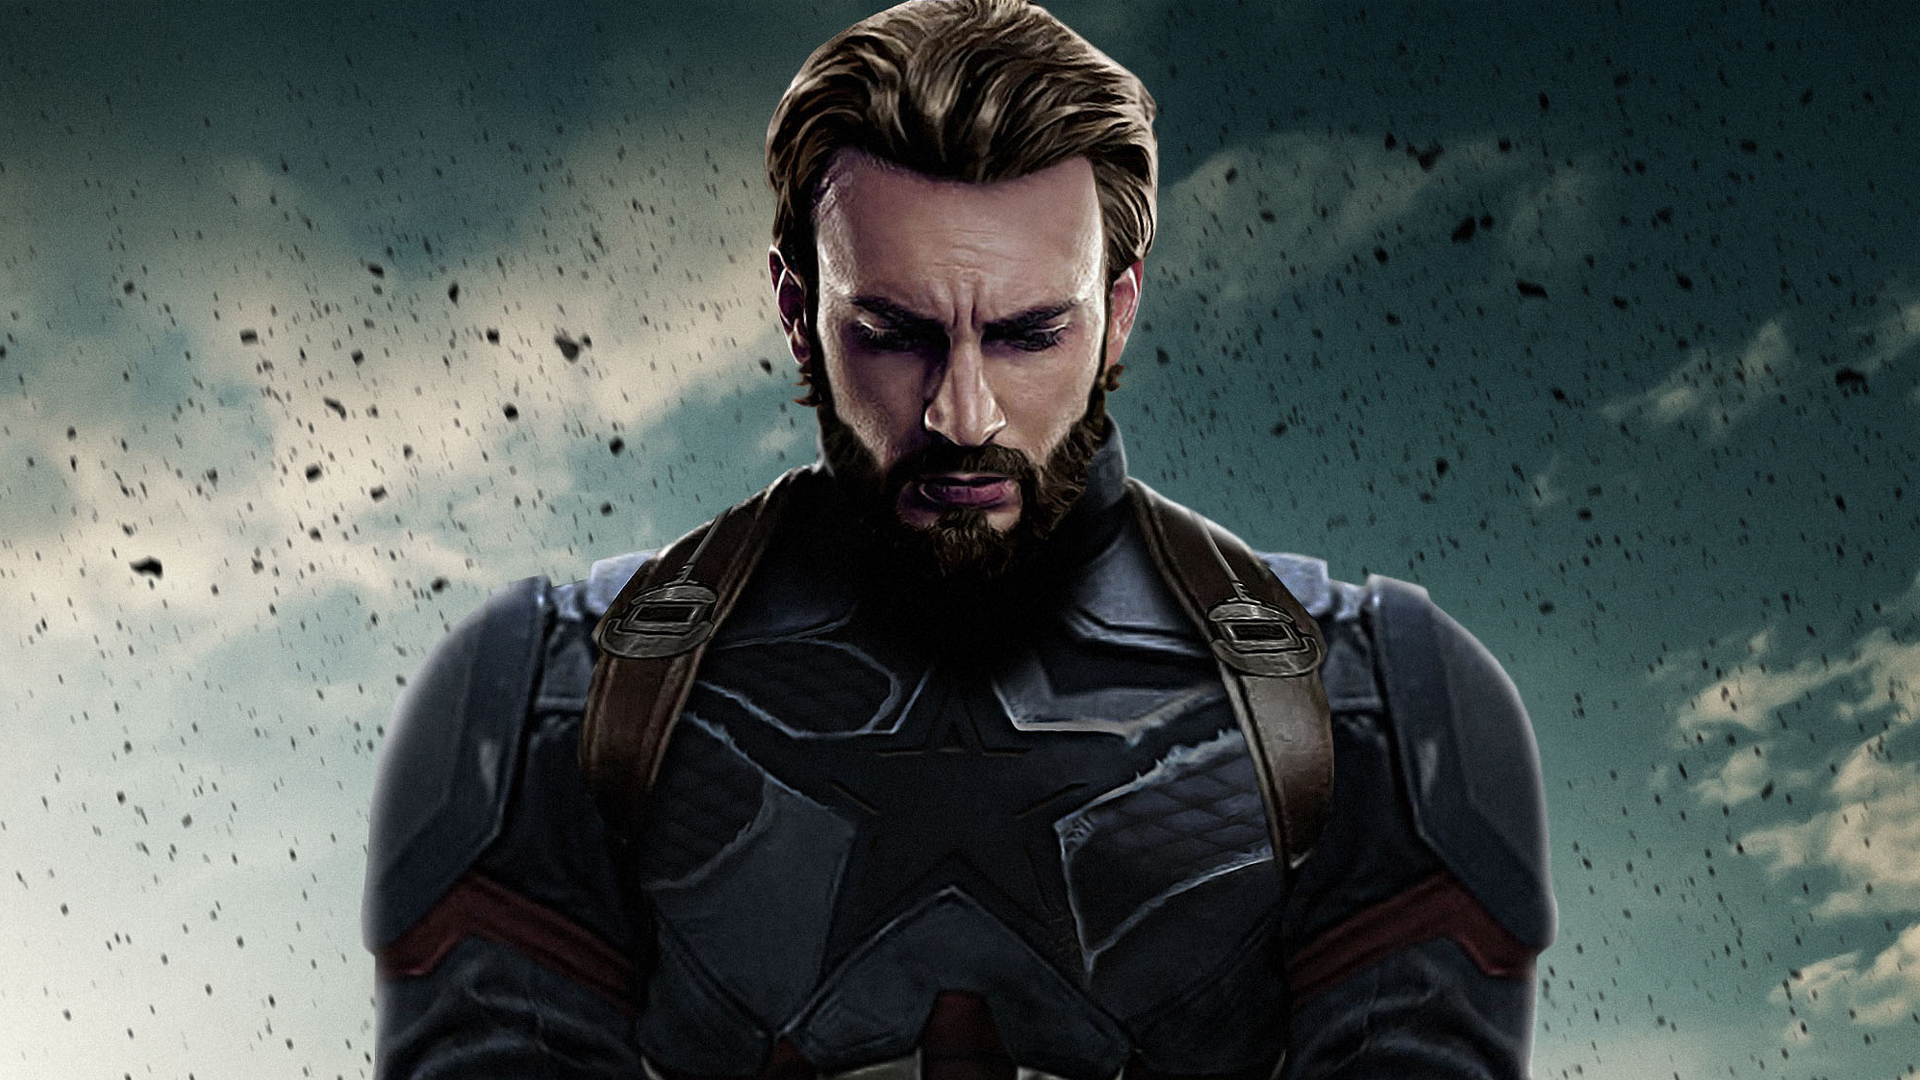 Капитан Америка Мстители бесконечная война обои скачать